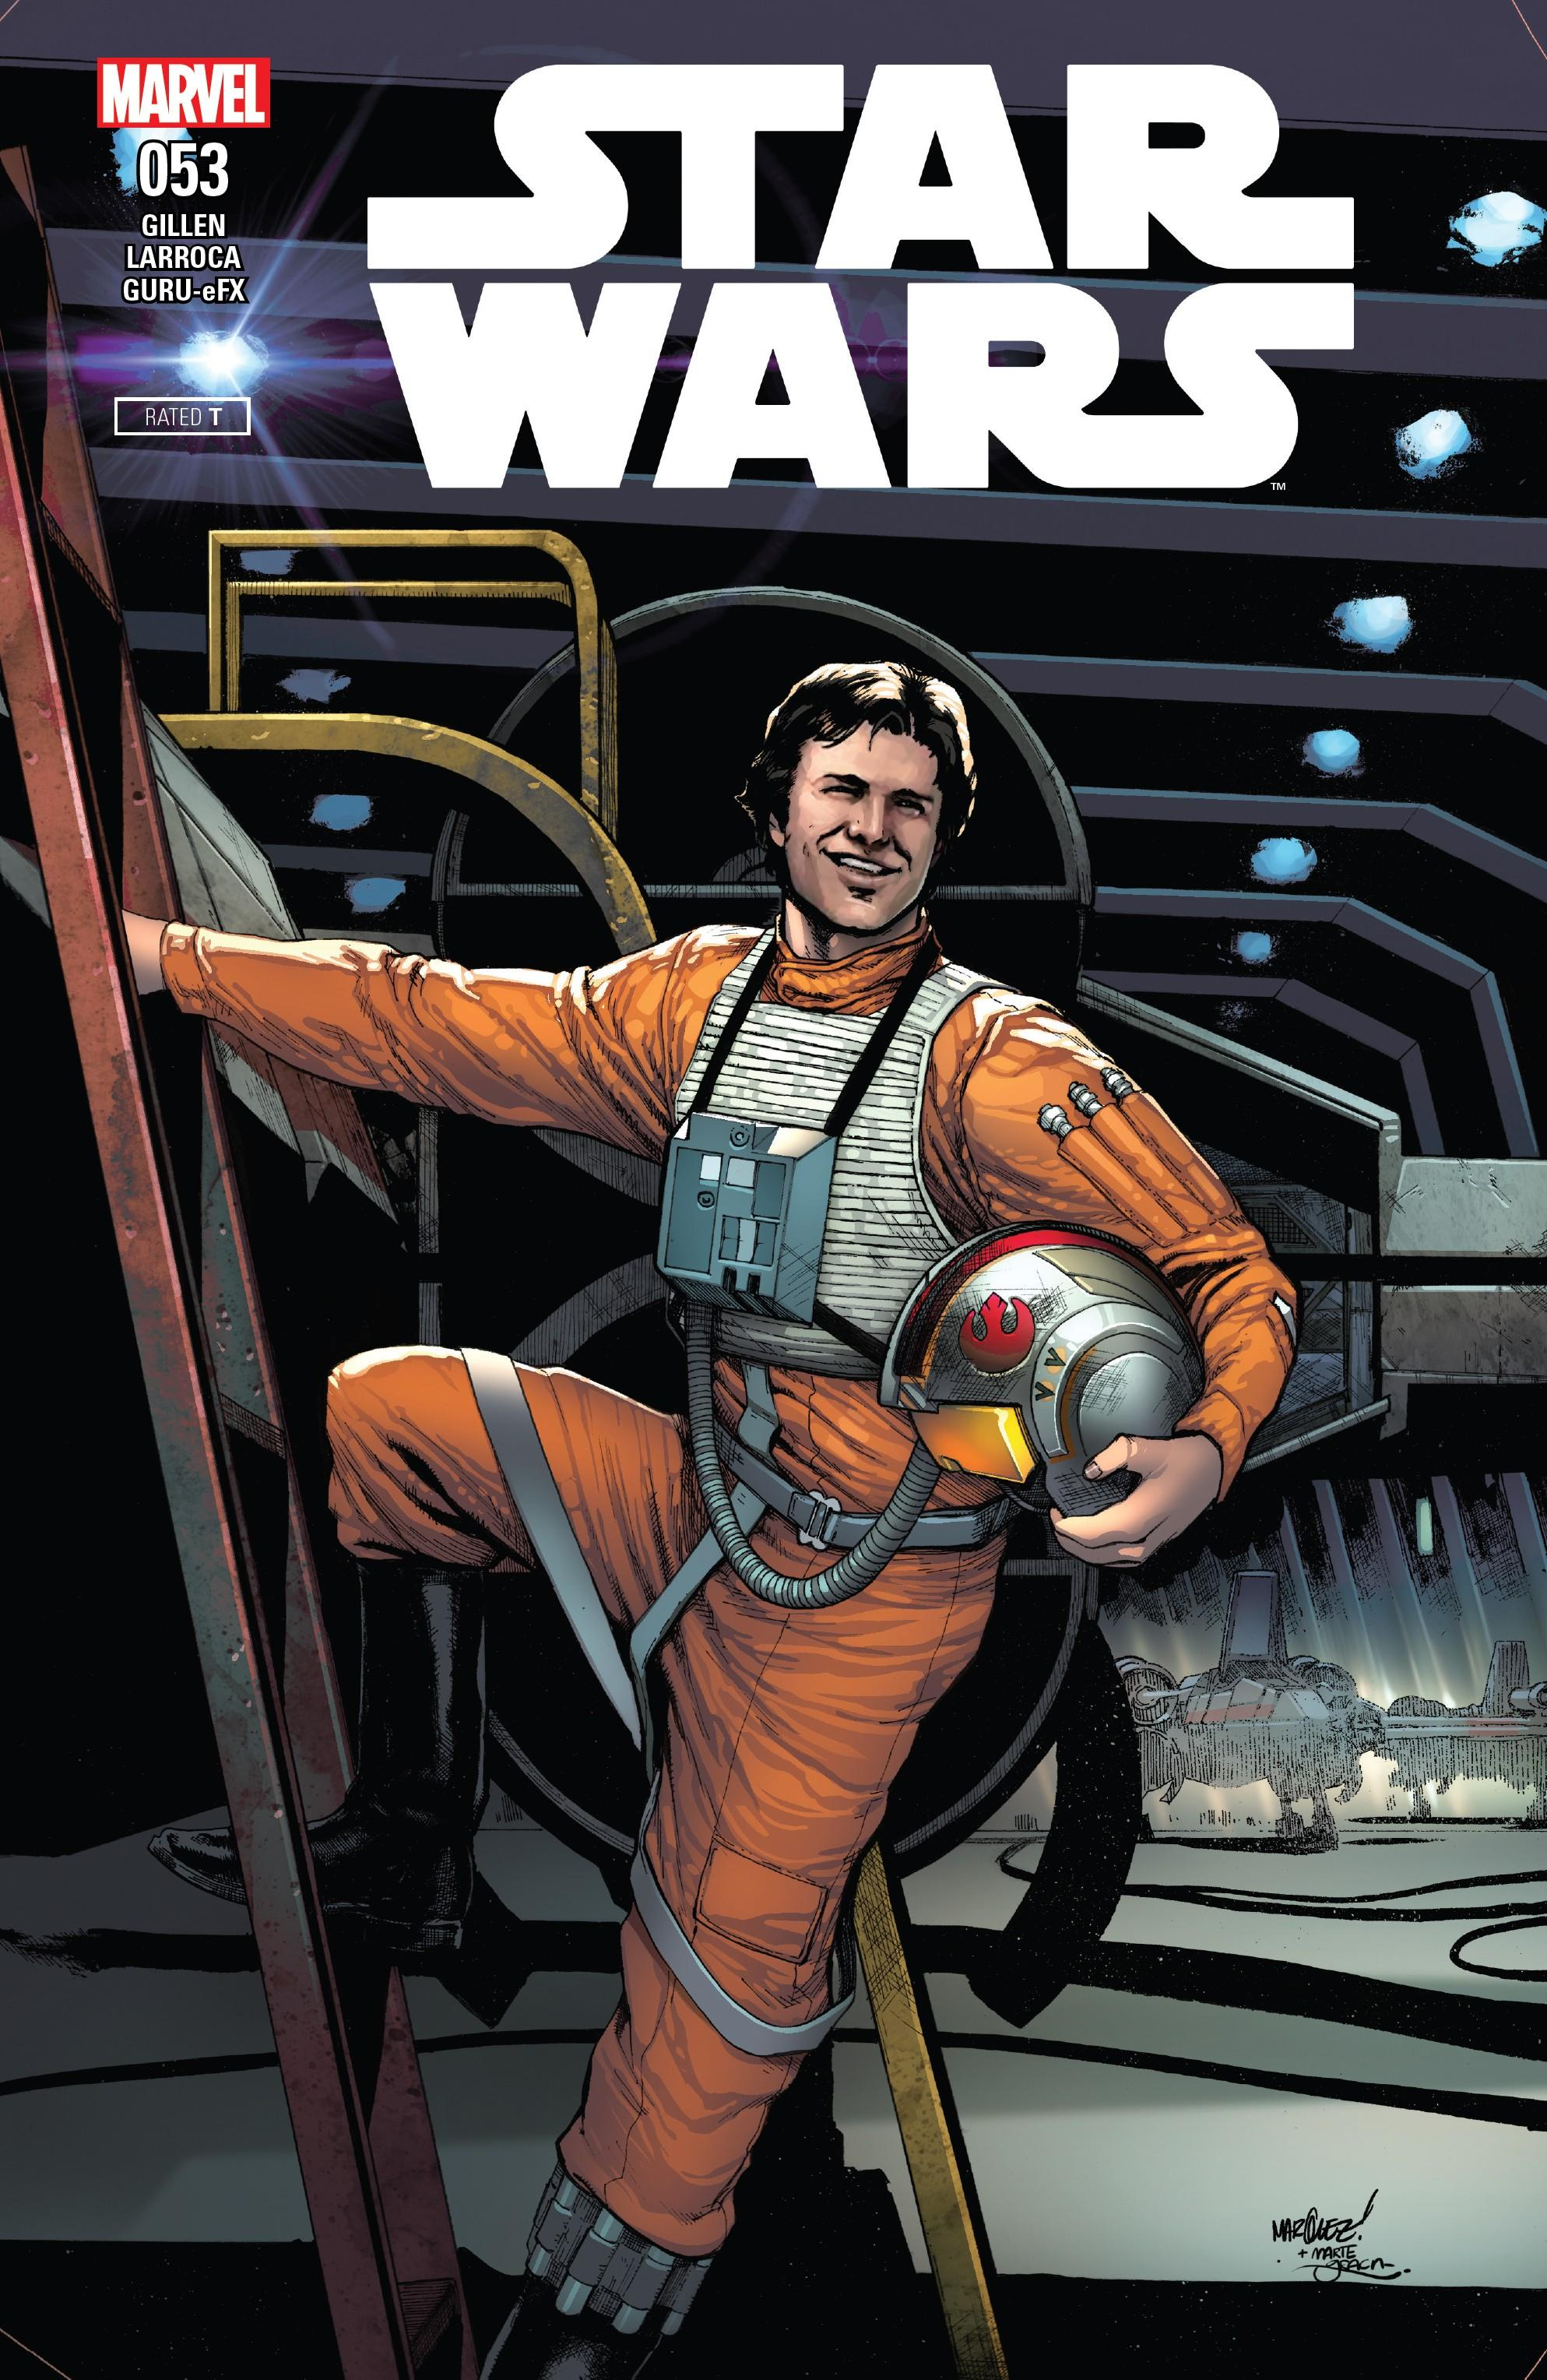 Звёздные войны 53: Надежда сгорает, часть 4